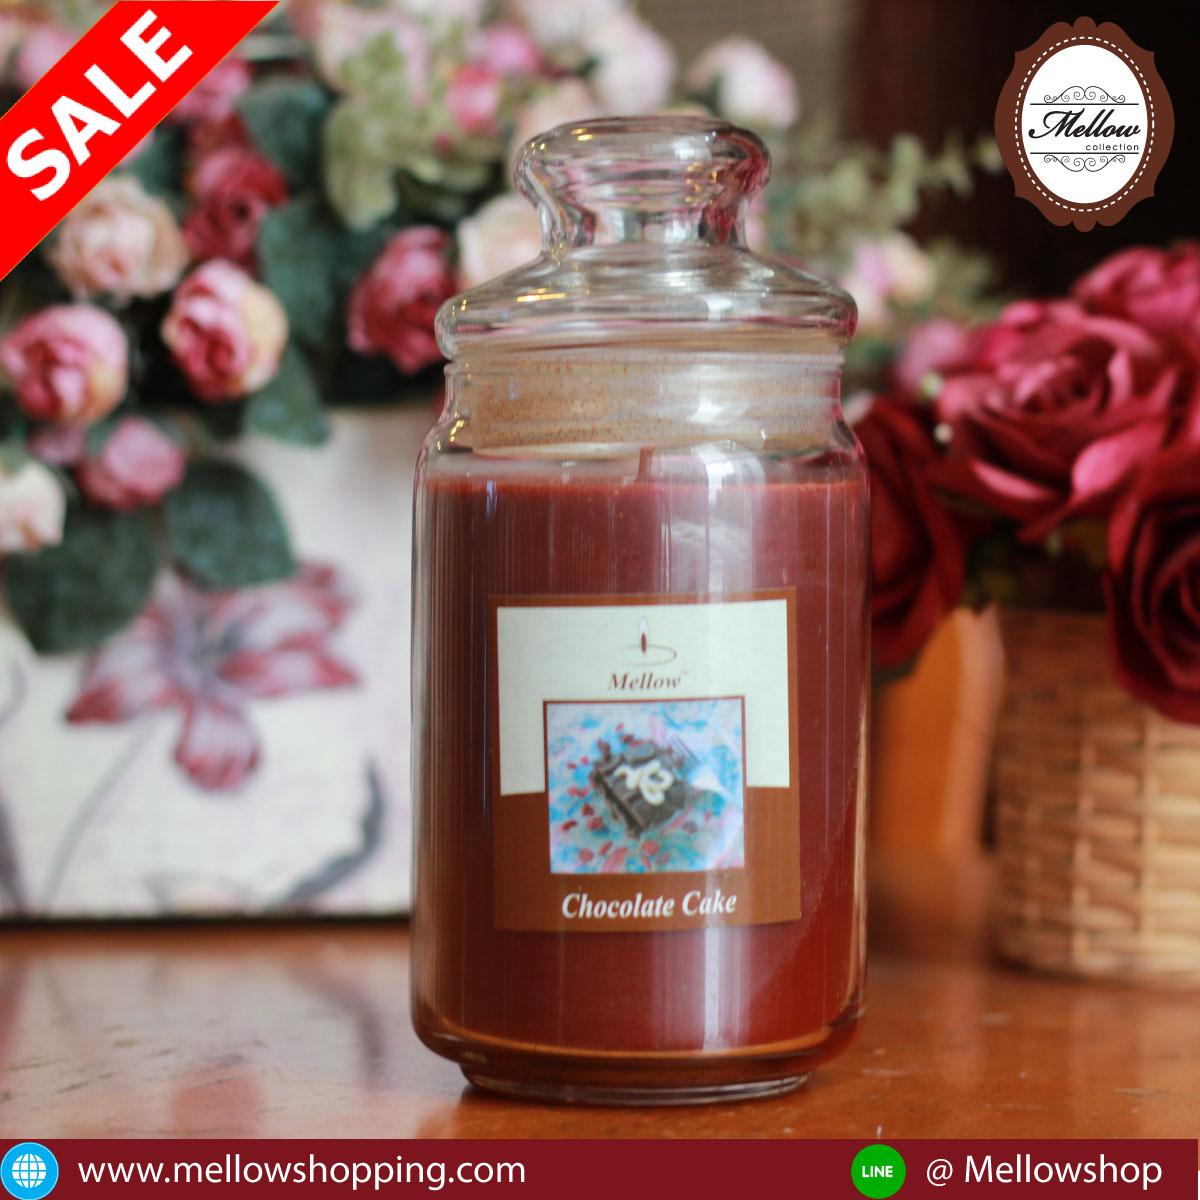 เทียนหอมในโหลแก้วอย่างดี 20 ออนซ์ กลิ่น ช๊อกโกแล็ต Chocolate (Jar Candle)